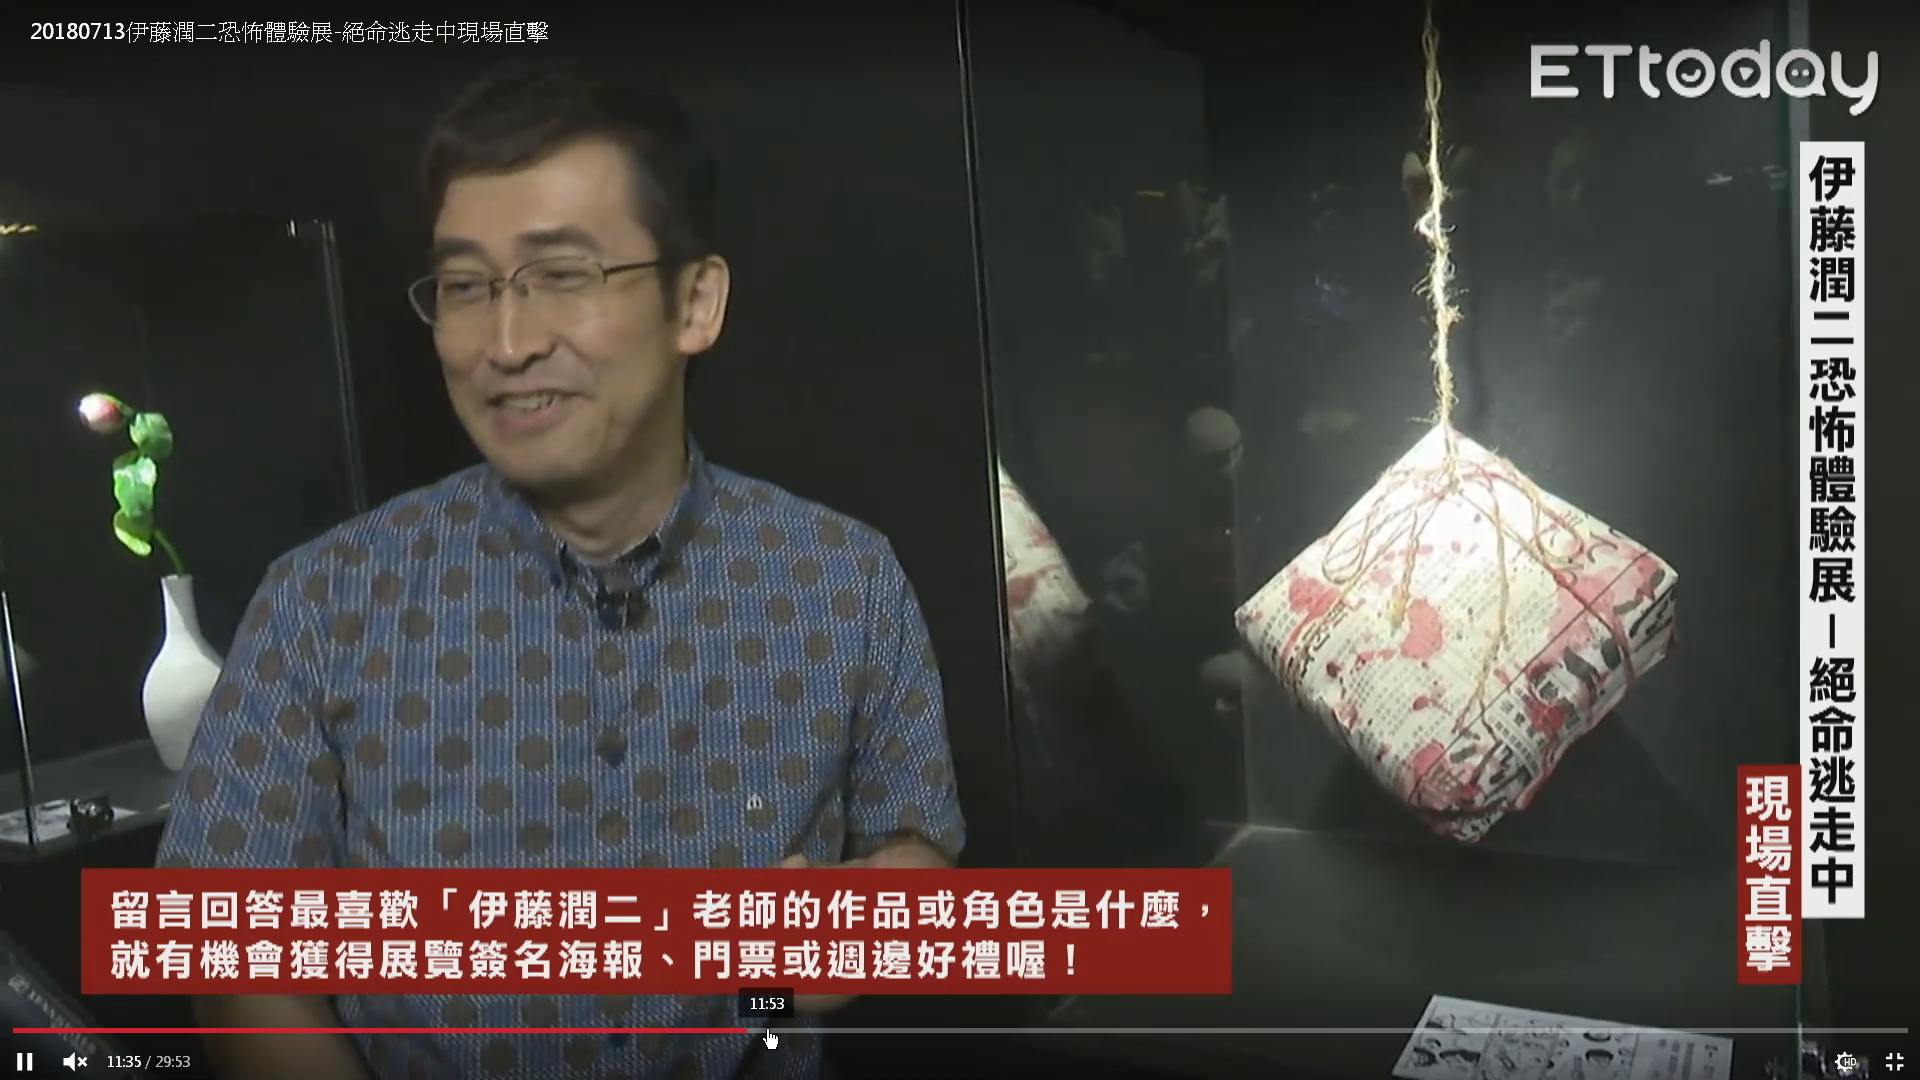 2018伊藤潤二恐怖體驗展 台北新光三越A9:伊藤潤二直播訪談 24.jpg